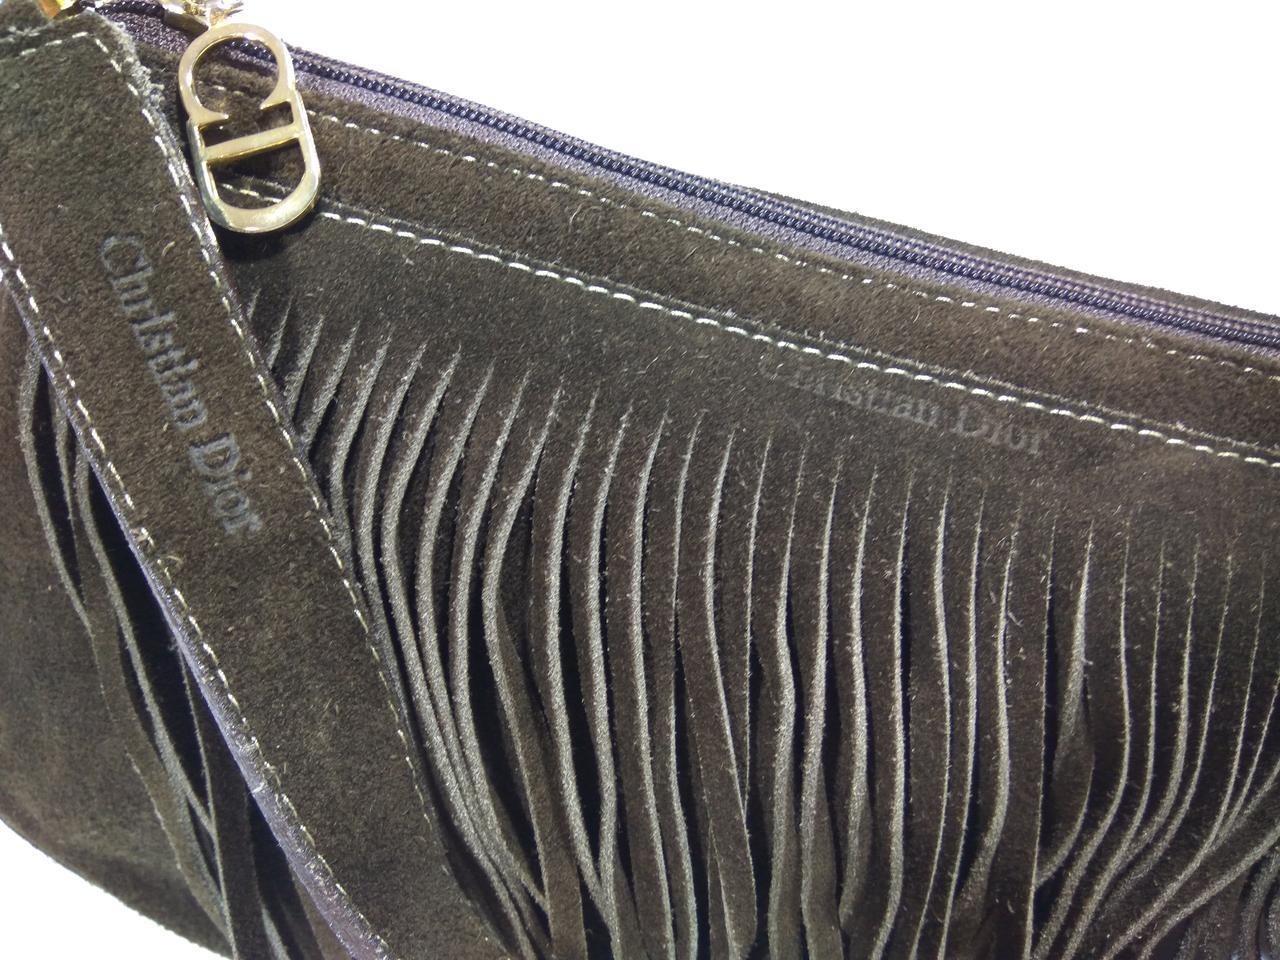 Сумка клатч женская бренд Christian Dior Saddle Bag